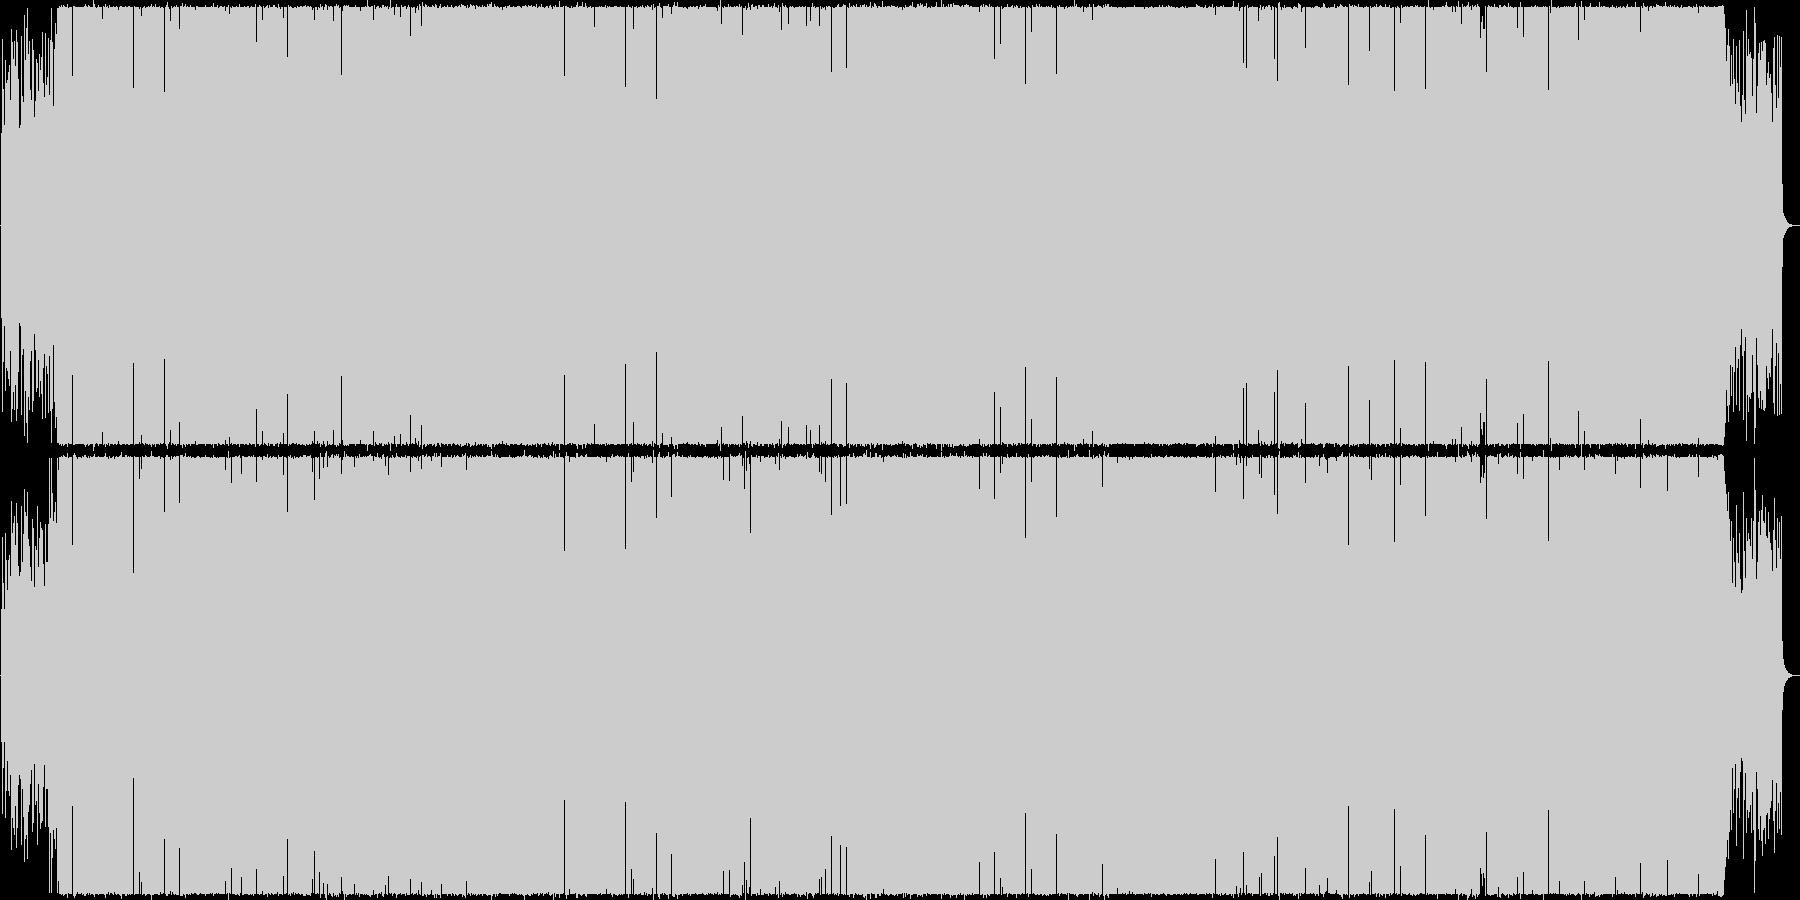 シックでグルーヴィなミクスチャーファンクの未再生の波形